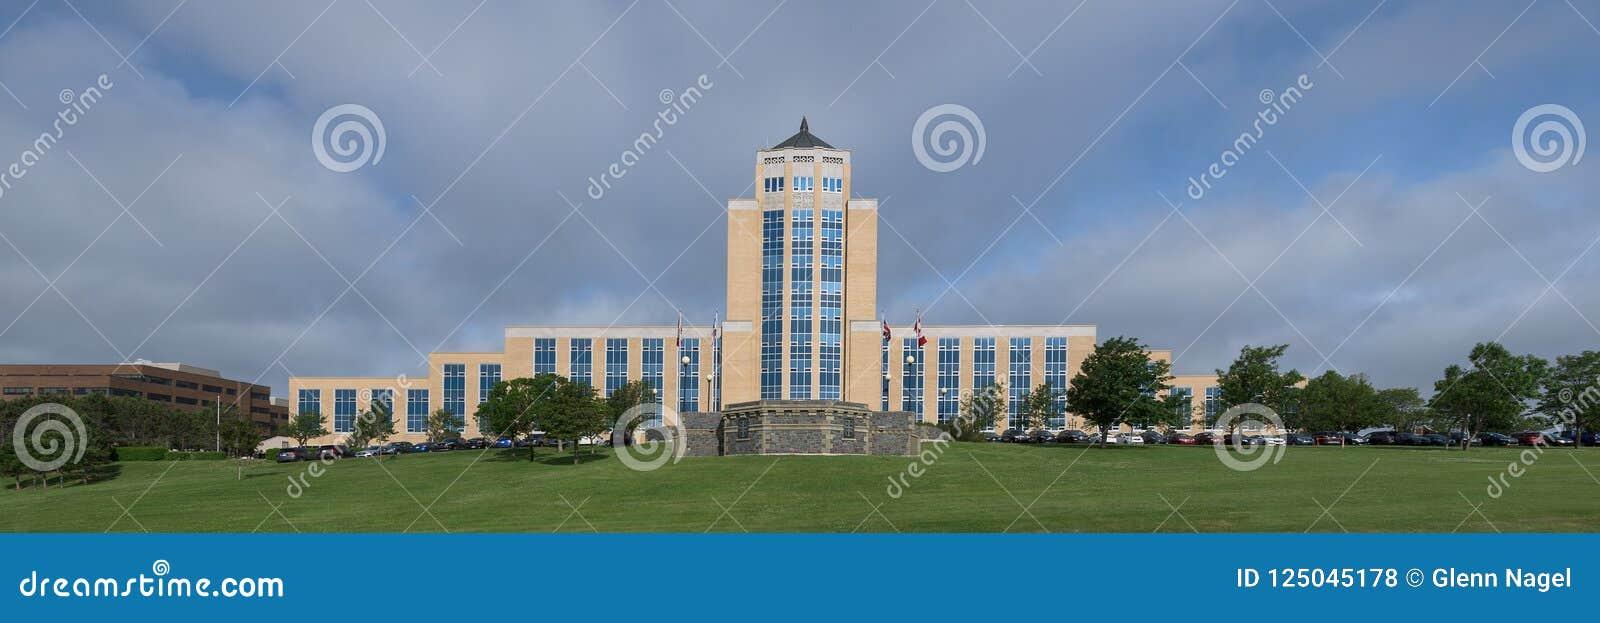 Bündnis-Gebäude von Neufundland